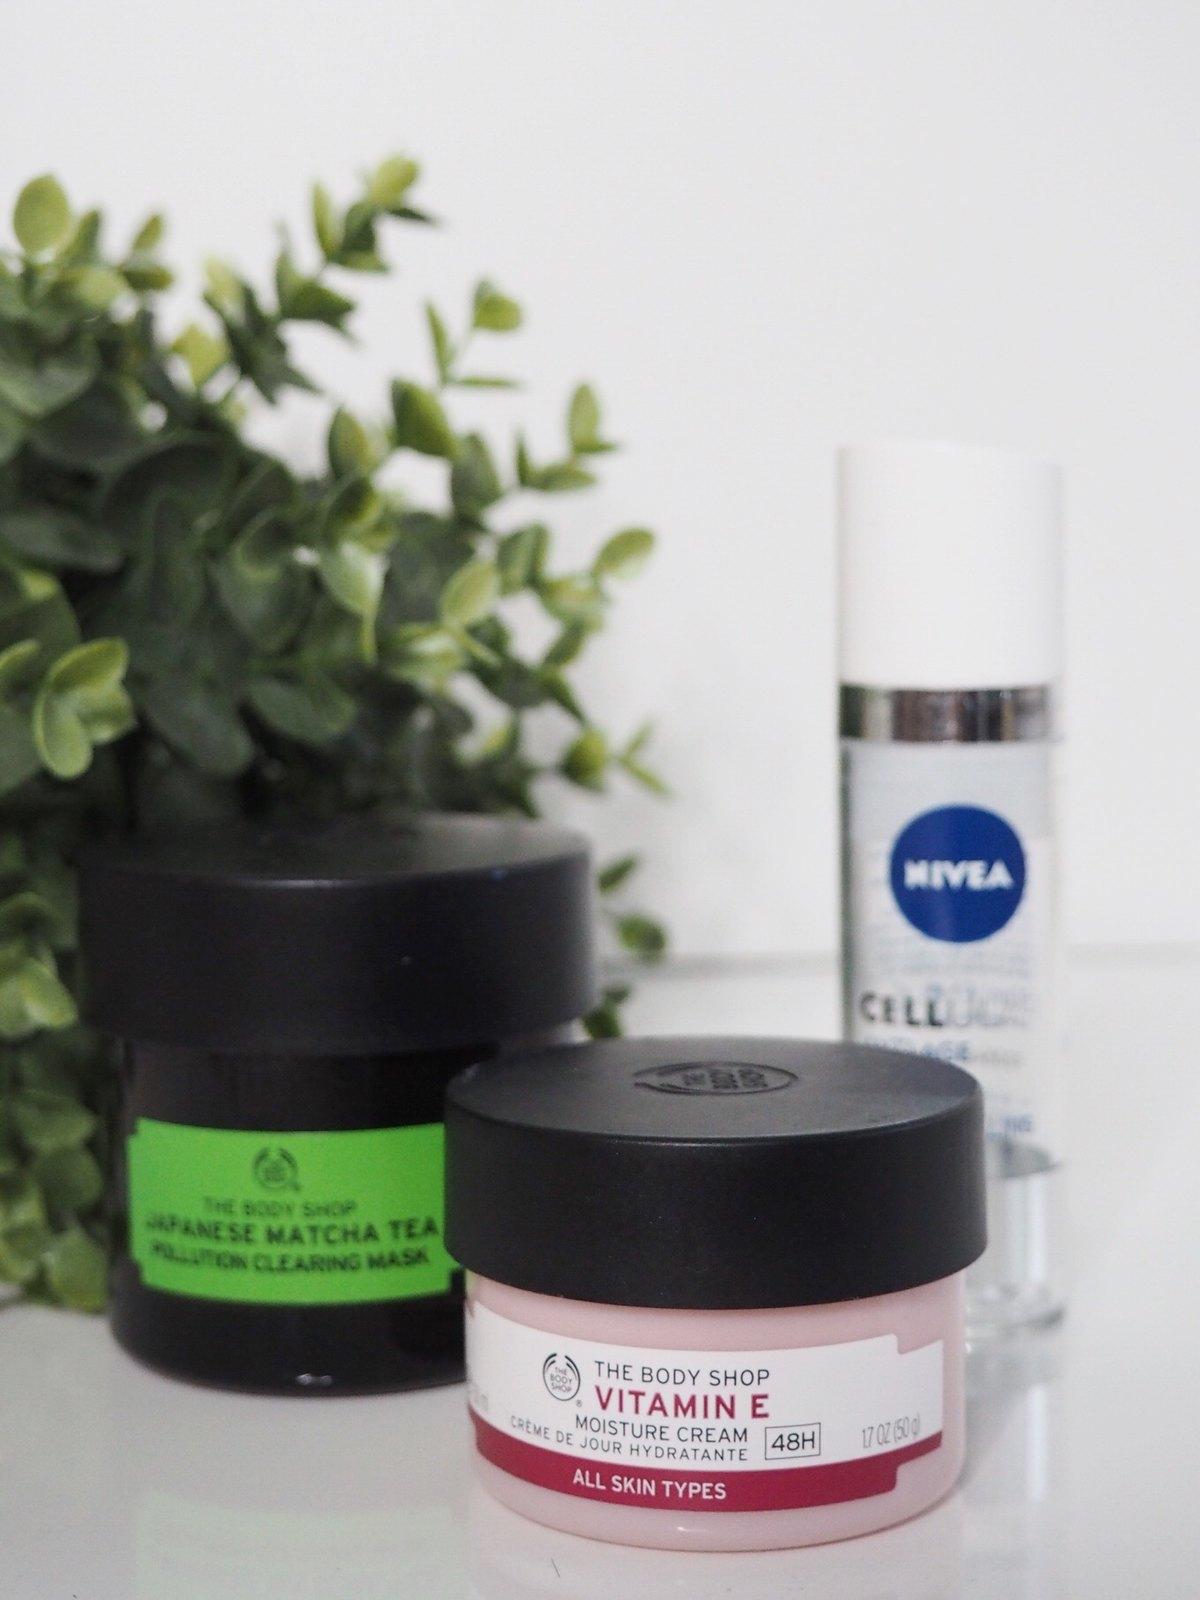 Joulukuun loppuneet kosmetiikkatuotteet